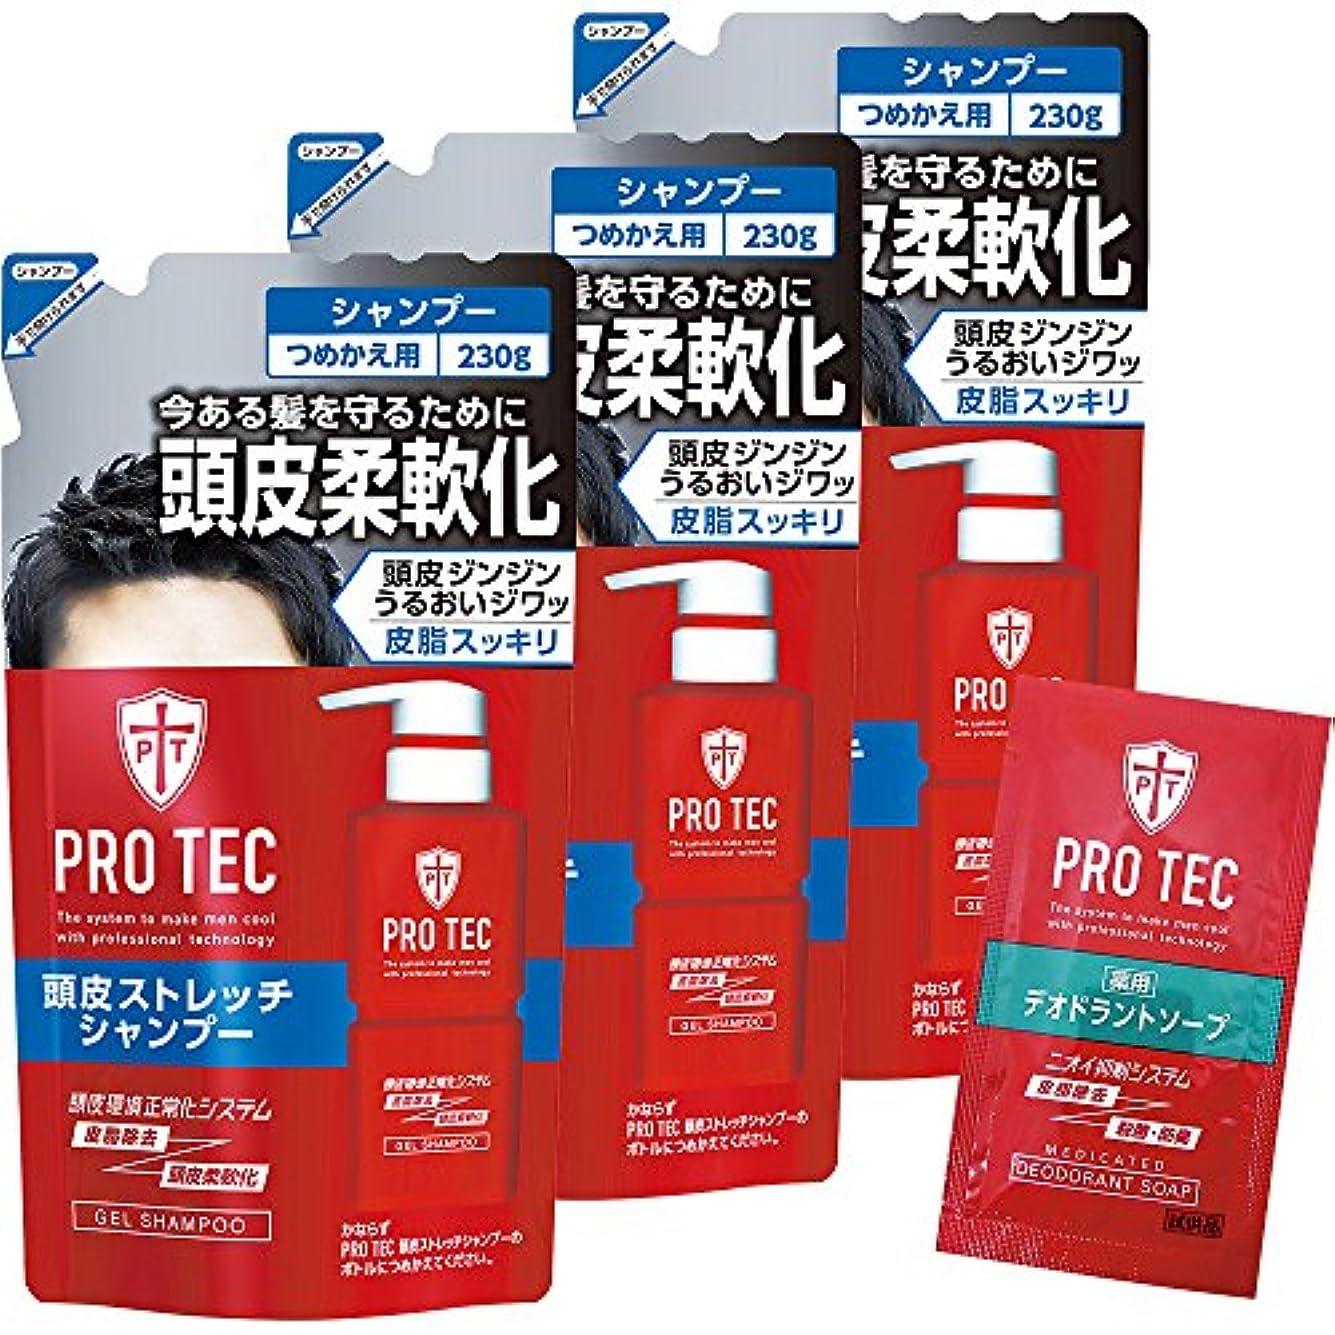 金属機知に富んだ幻想的【Amazon.co.jp限定】PRO TEC(プロテク) 頭皮ストレッチ シャンプー 詰め替え 230g×3個パック+デオドラントソープ1回分付(医薬部外品)